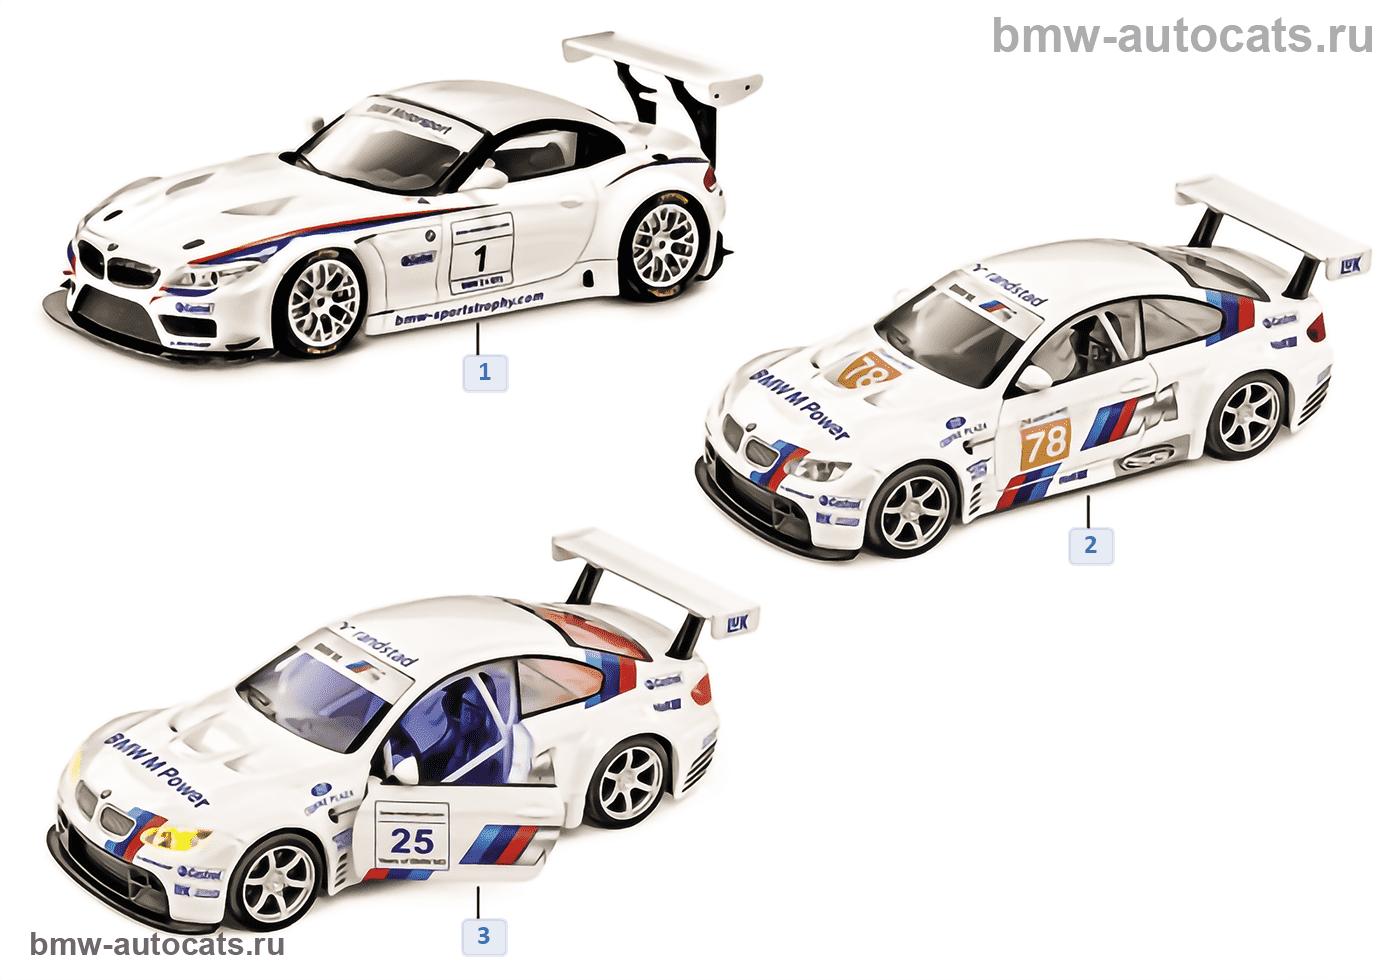 Миниат.модели BMW — Motorsport 2011/12